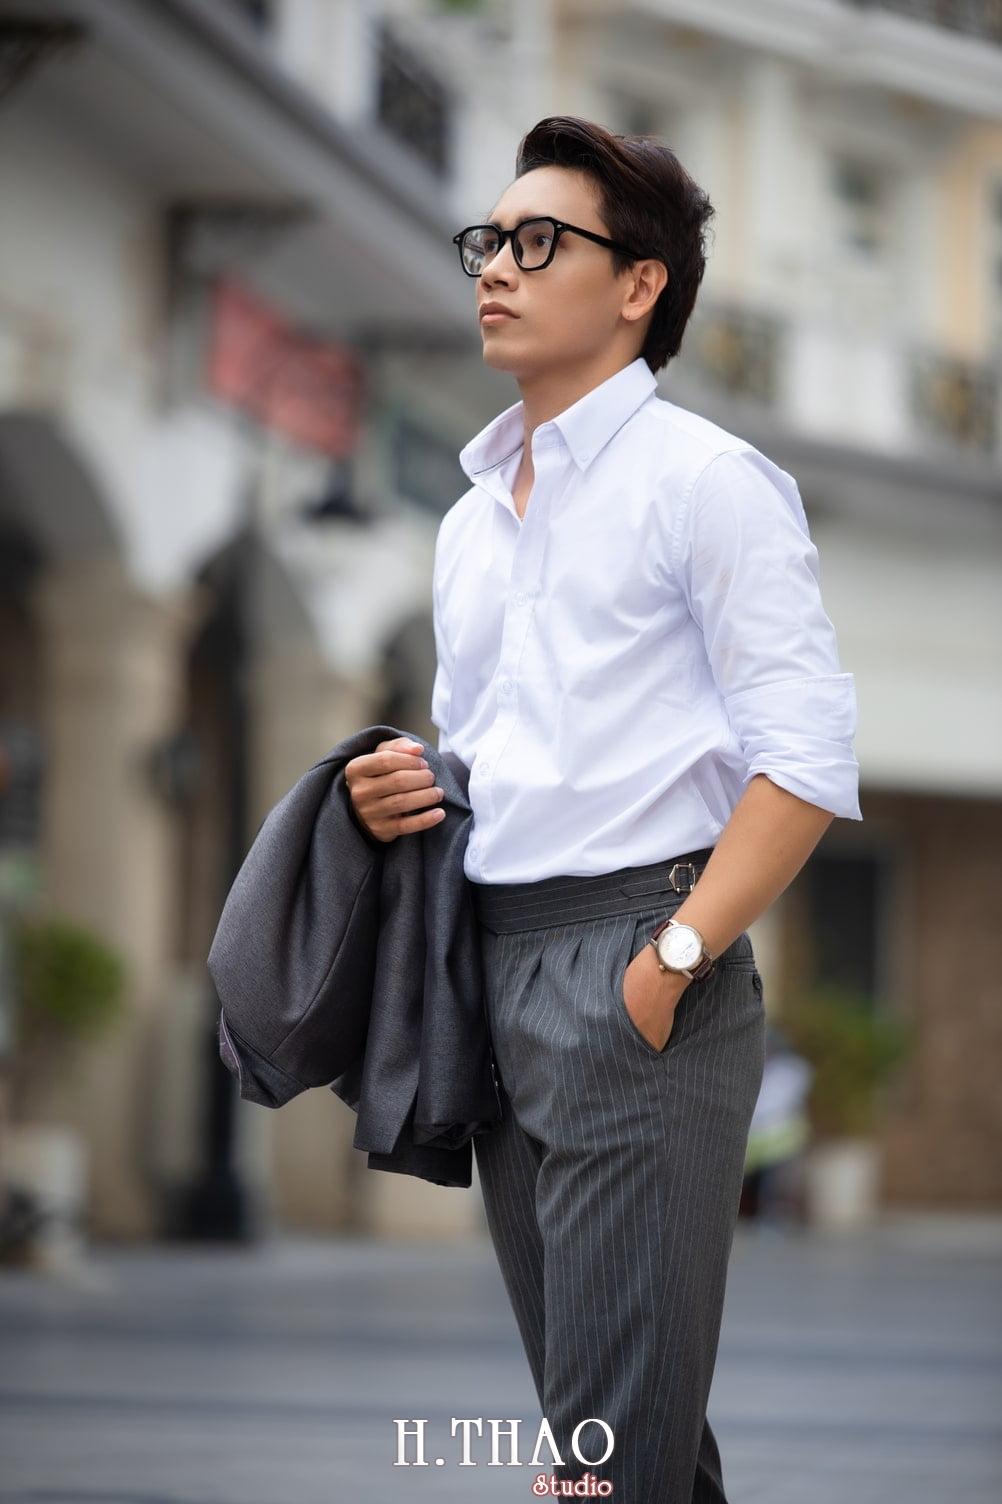 Anh nghe thuat nam 3 2 - TOP #5 concept chụp ảnh nam nghệ thuật cực chất - HThao Studio